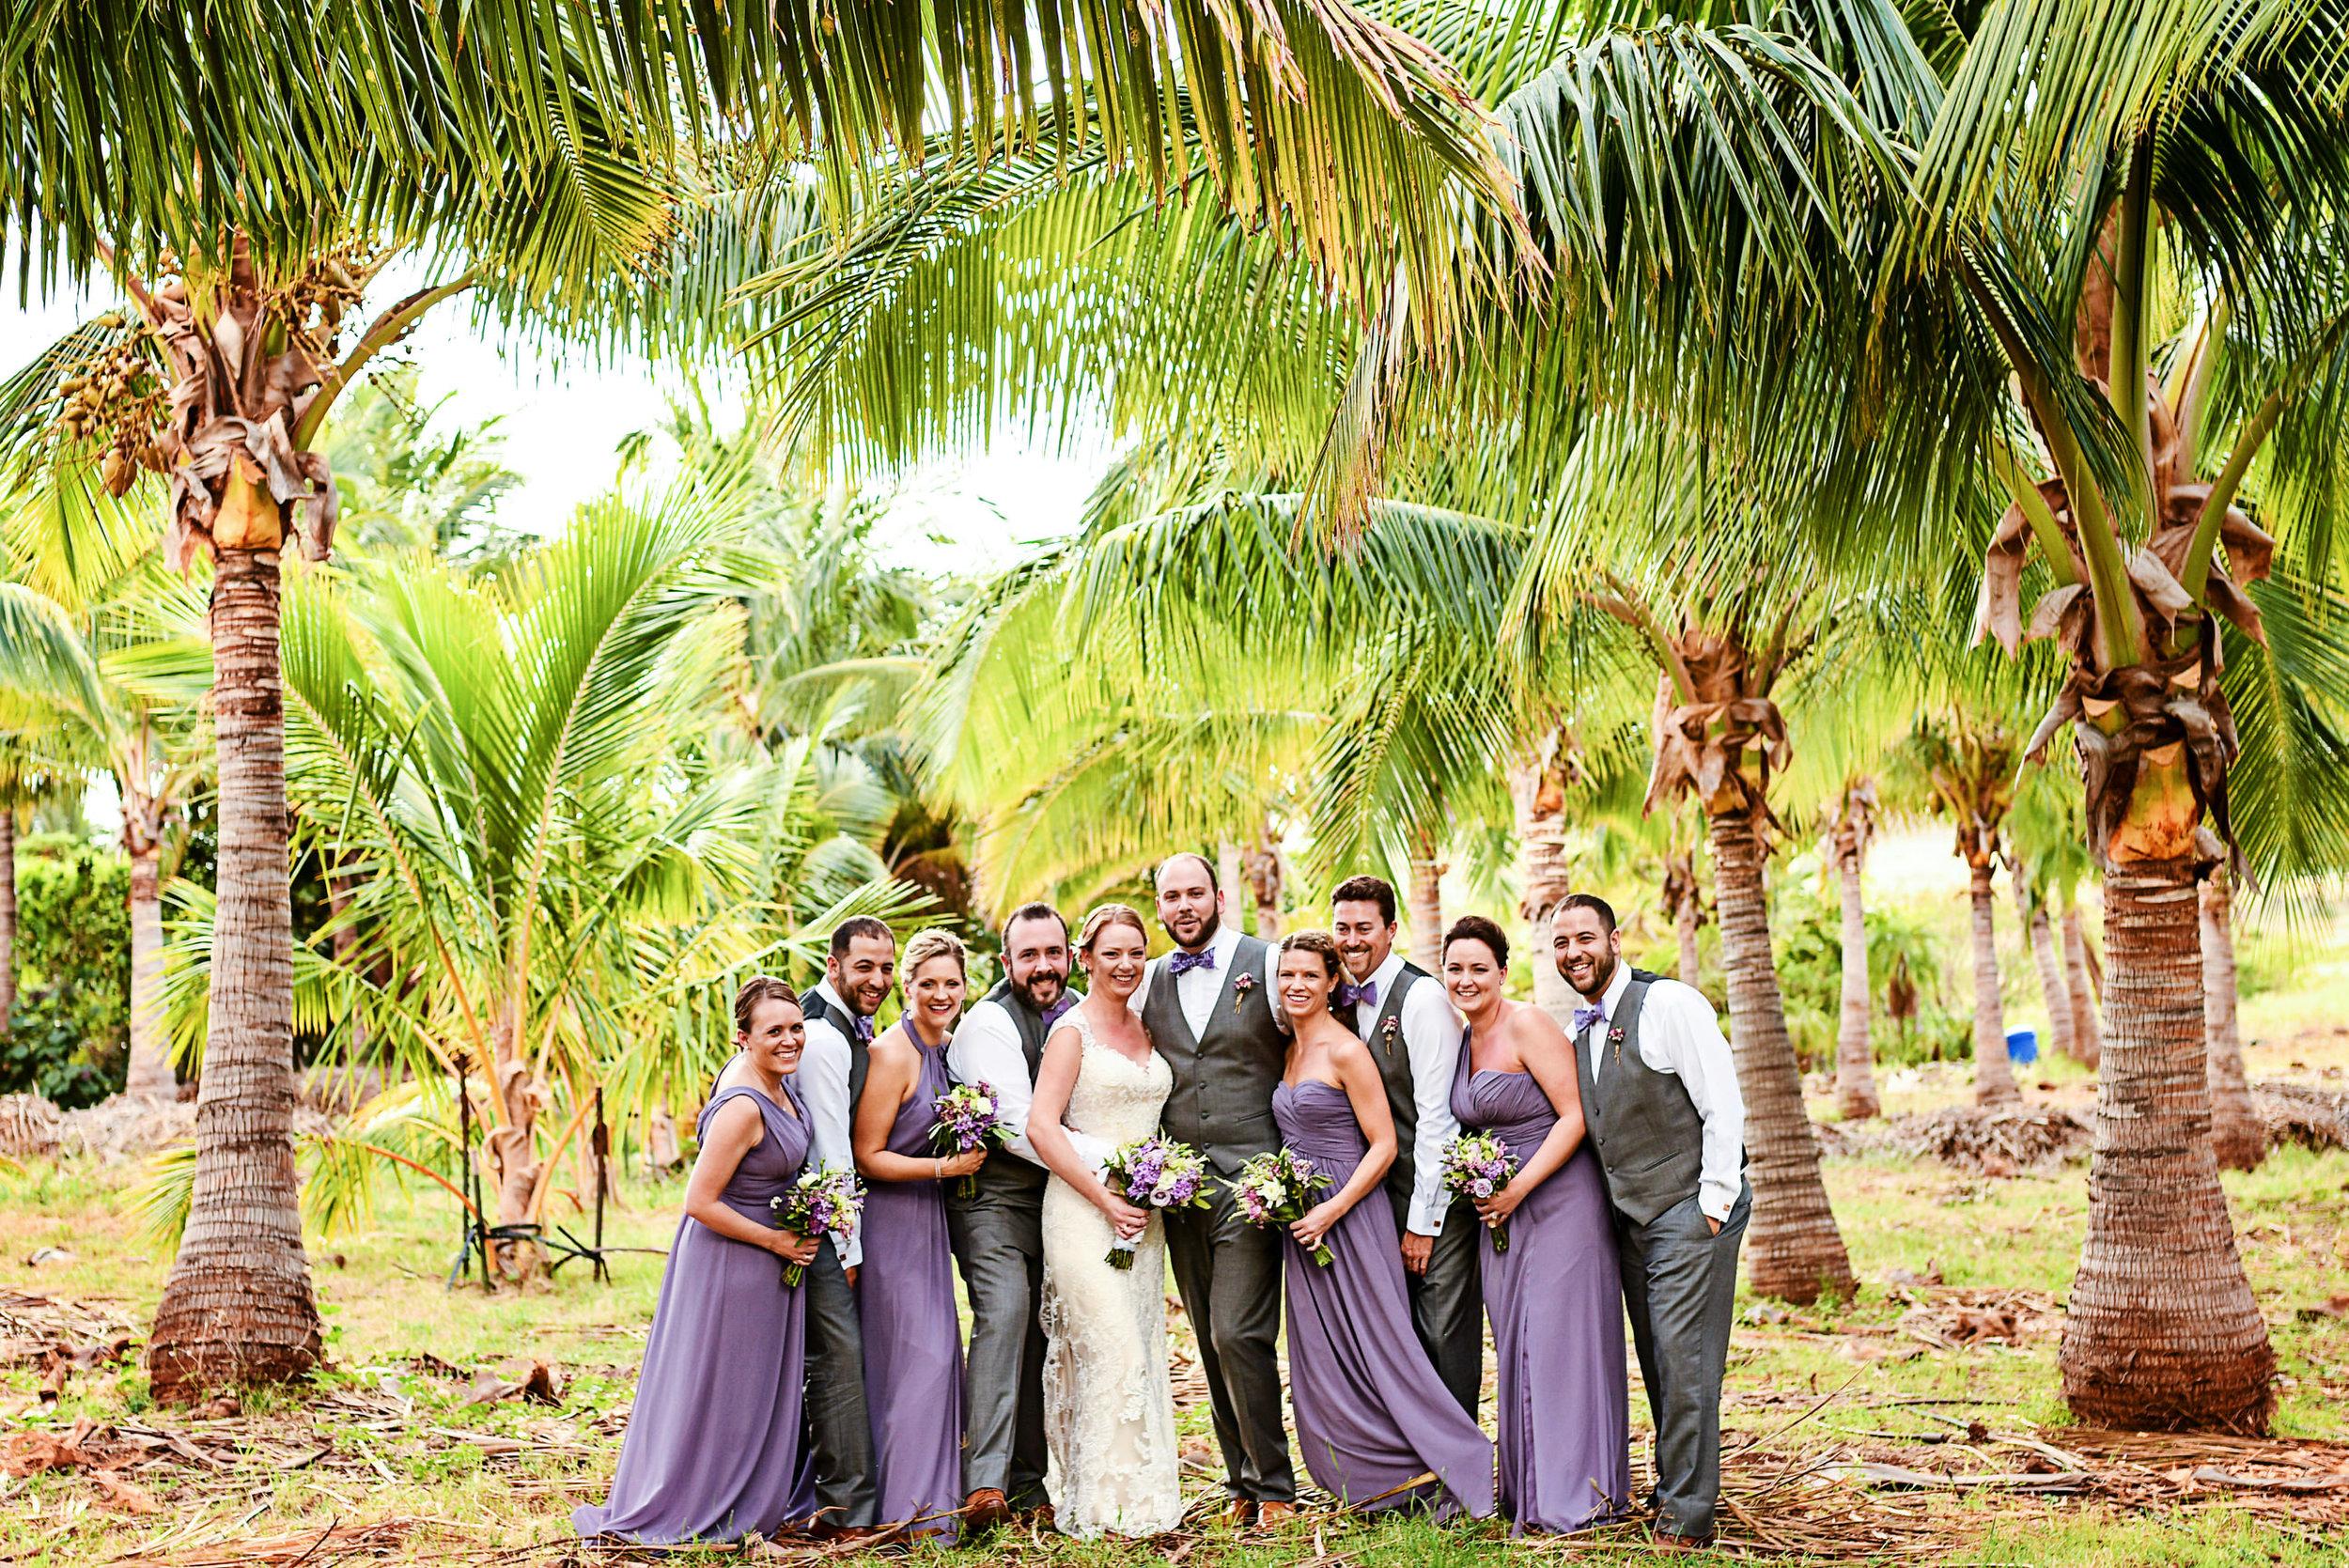 HawaiiWedding-Lisa&Scott-WeddingParty-Family-329.jpg